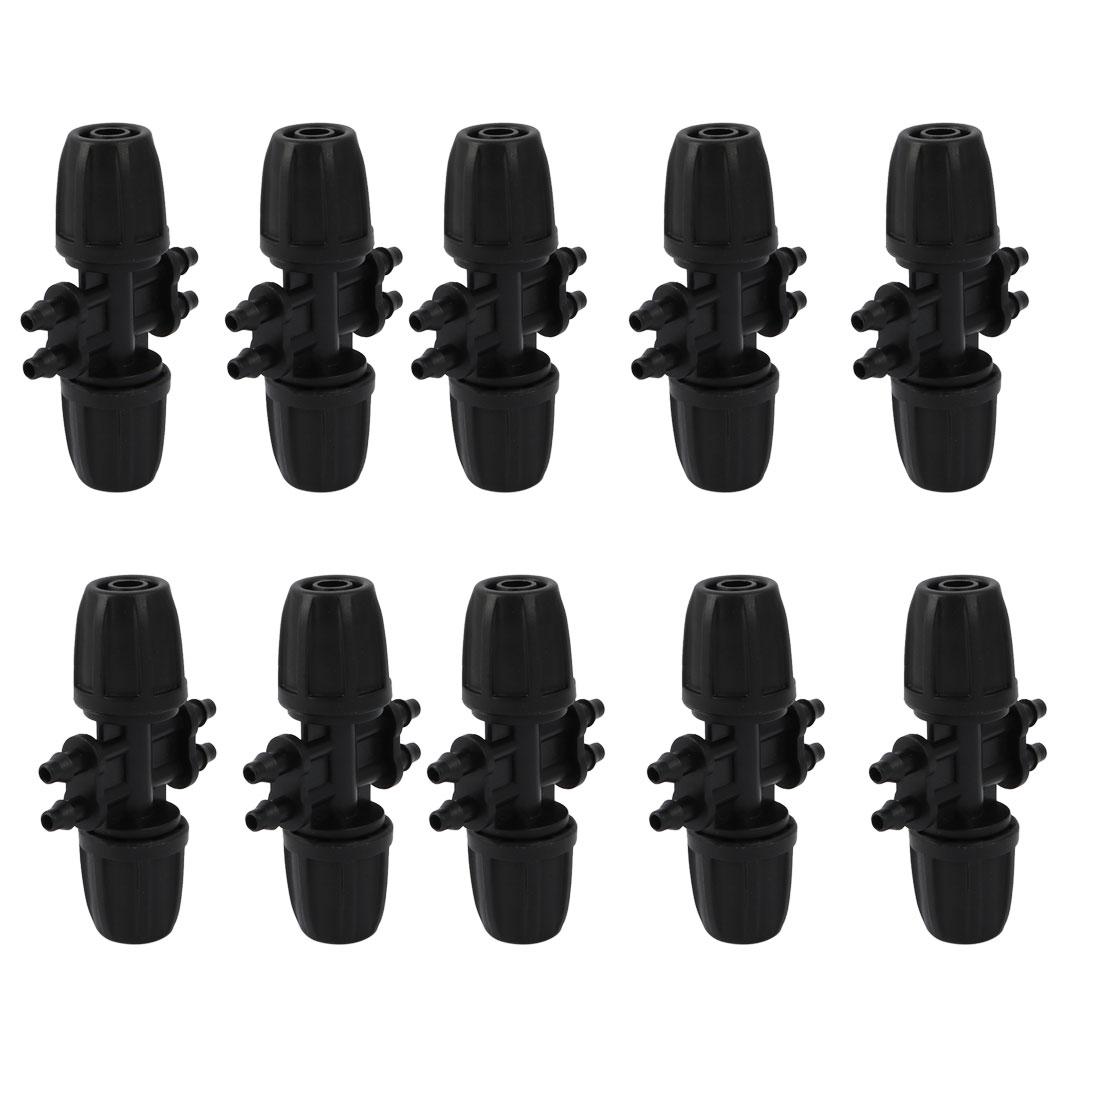 10pcs Garden Hose Nozzle Splitter 8/11 mm to 4/7 mm Barb Hose Connector Black